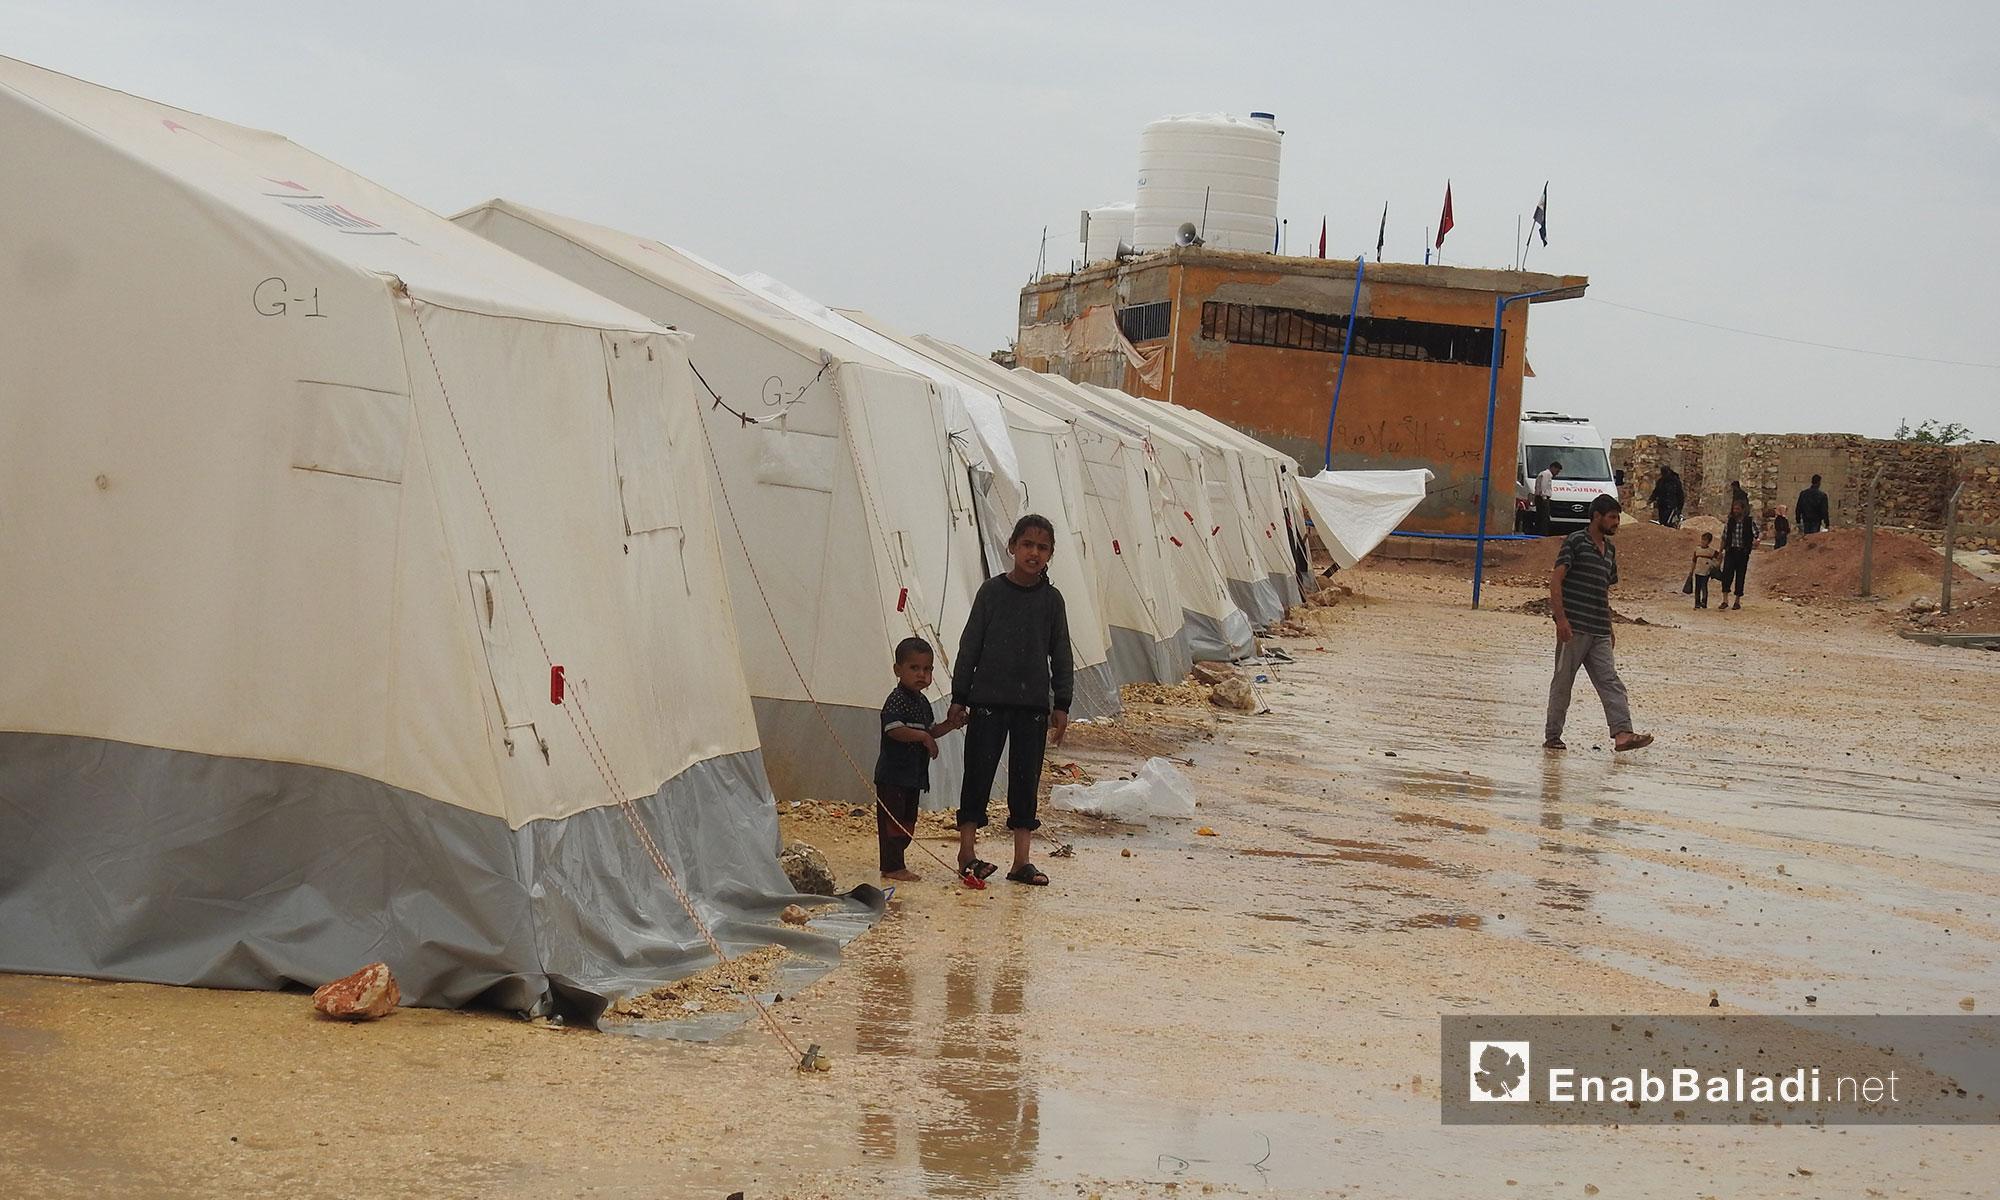 أهالي مهجري الغوطة الشرقية في مخيم البل بعد هطول الأمطار بريف حلب الشمالي - 22 أيار 2018 (عنب بلدي)